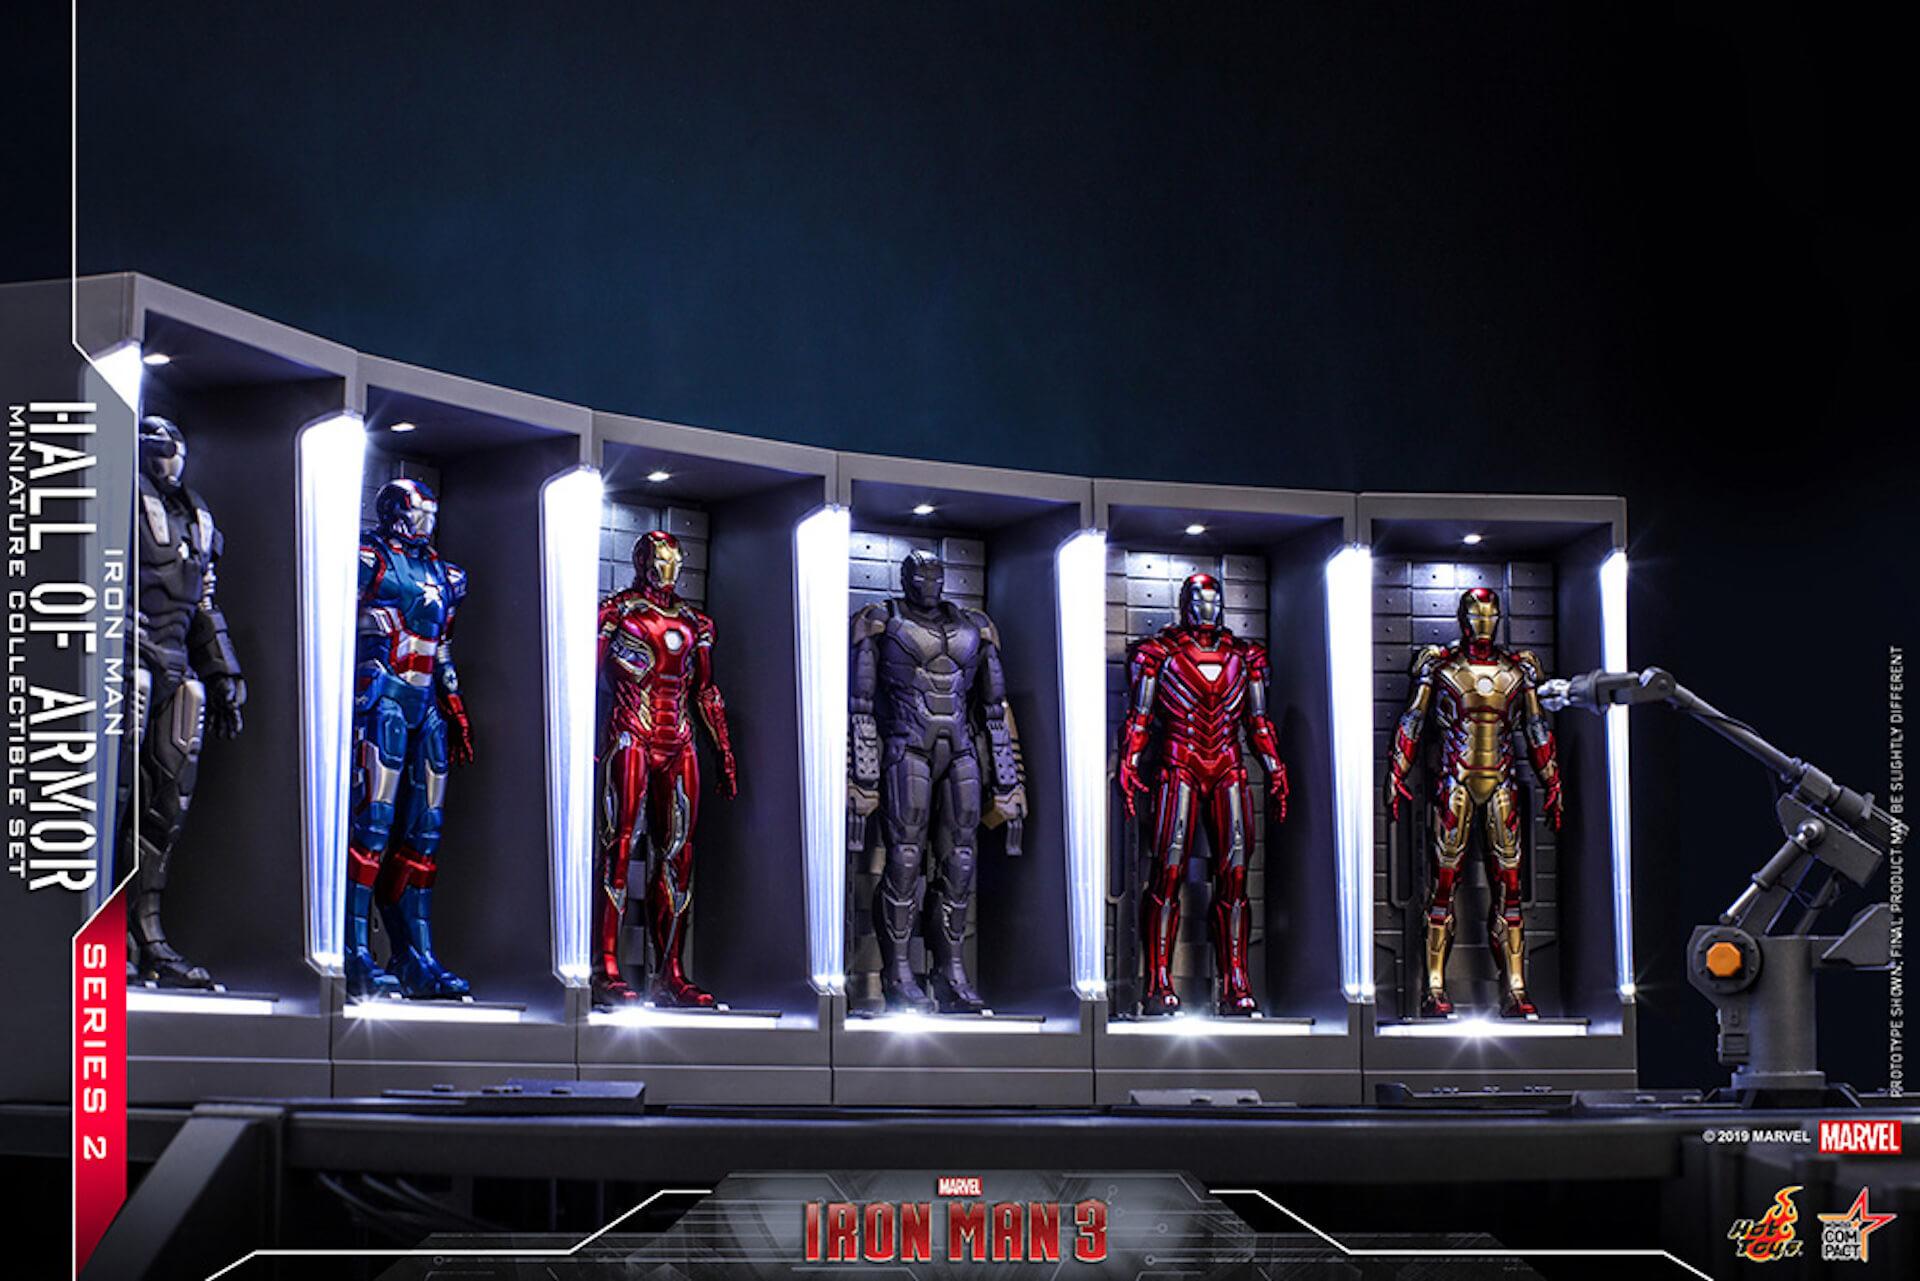 『アイアンマン3』に登場するアーマーが手のひらサイズに!ホットトイズからアイアンマンのミニチュアシリーズ2がホール・オブ・アーマー付き6体セットで発売! ac200124_hottoys_ironman_02